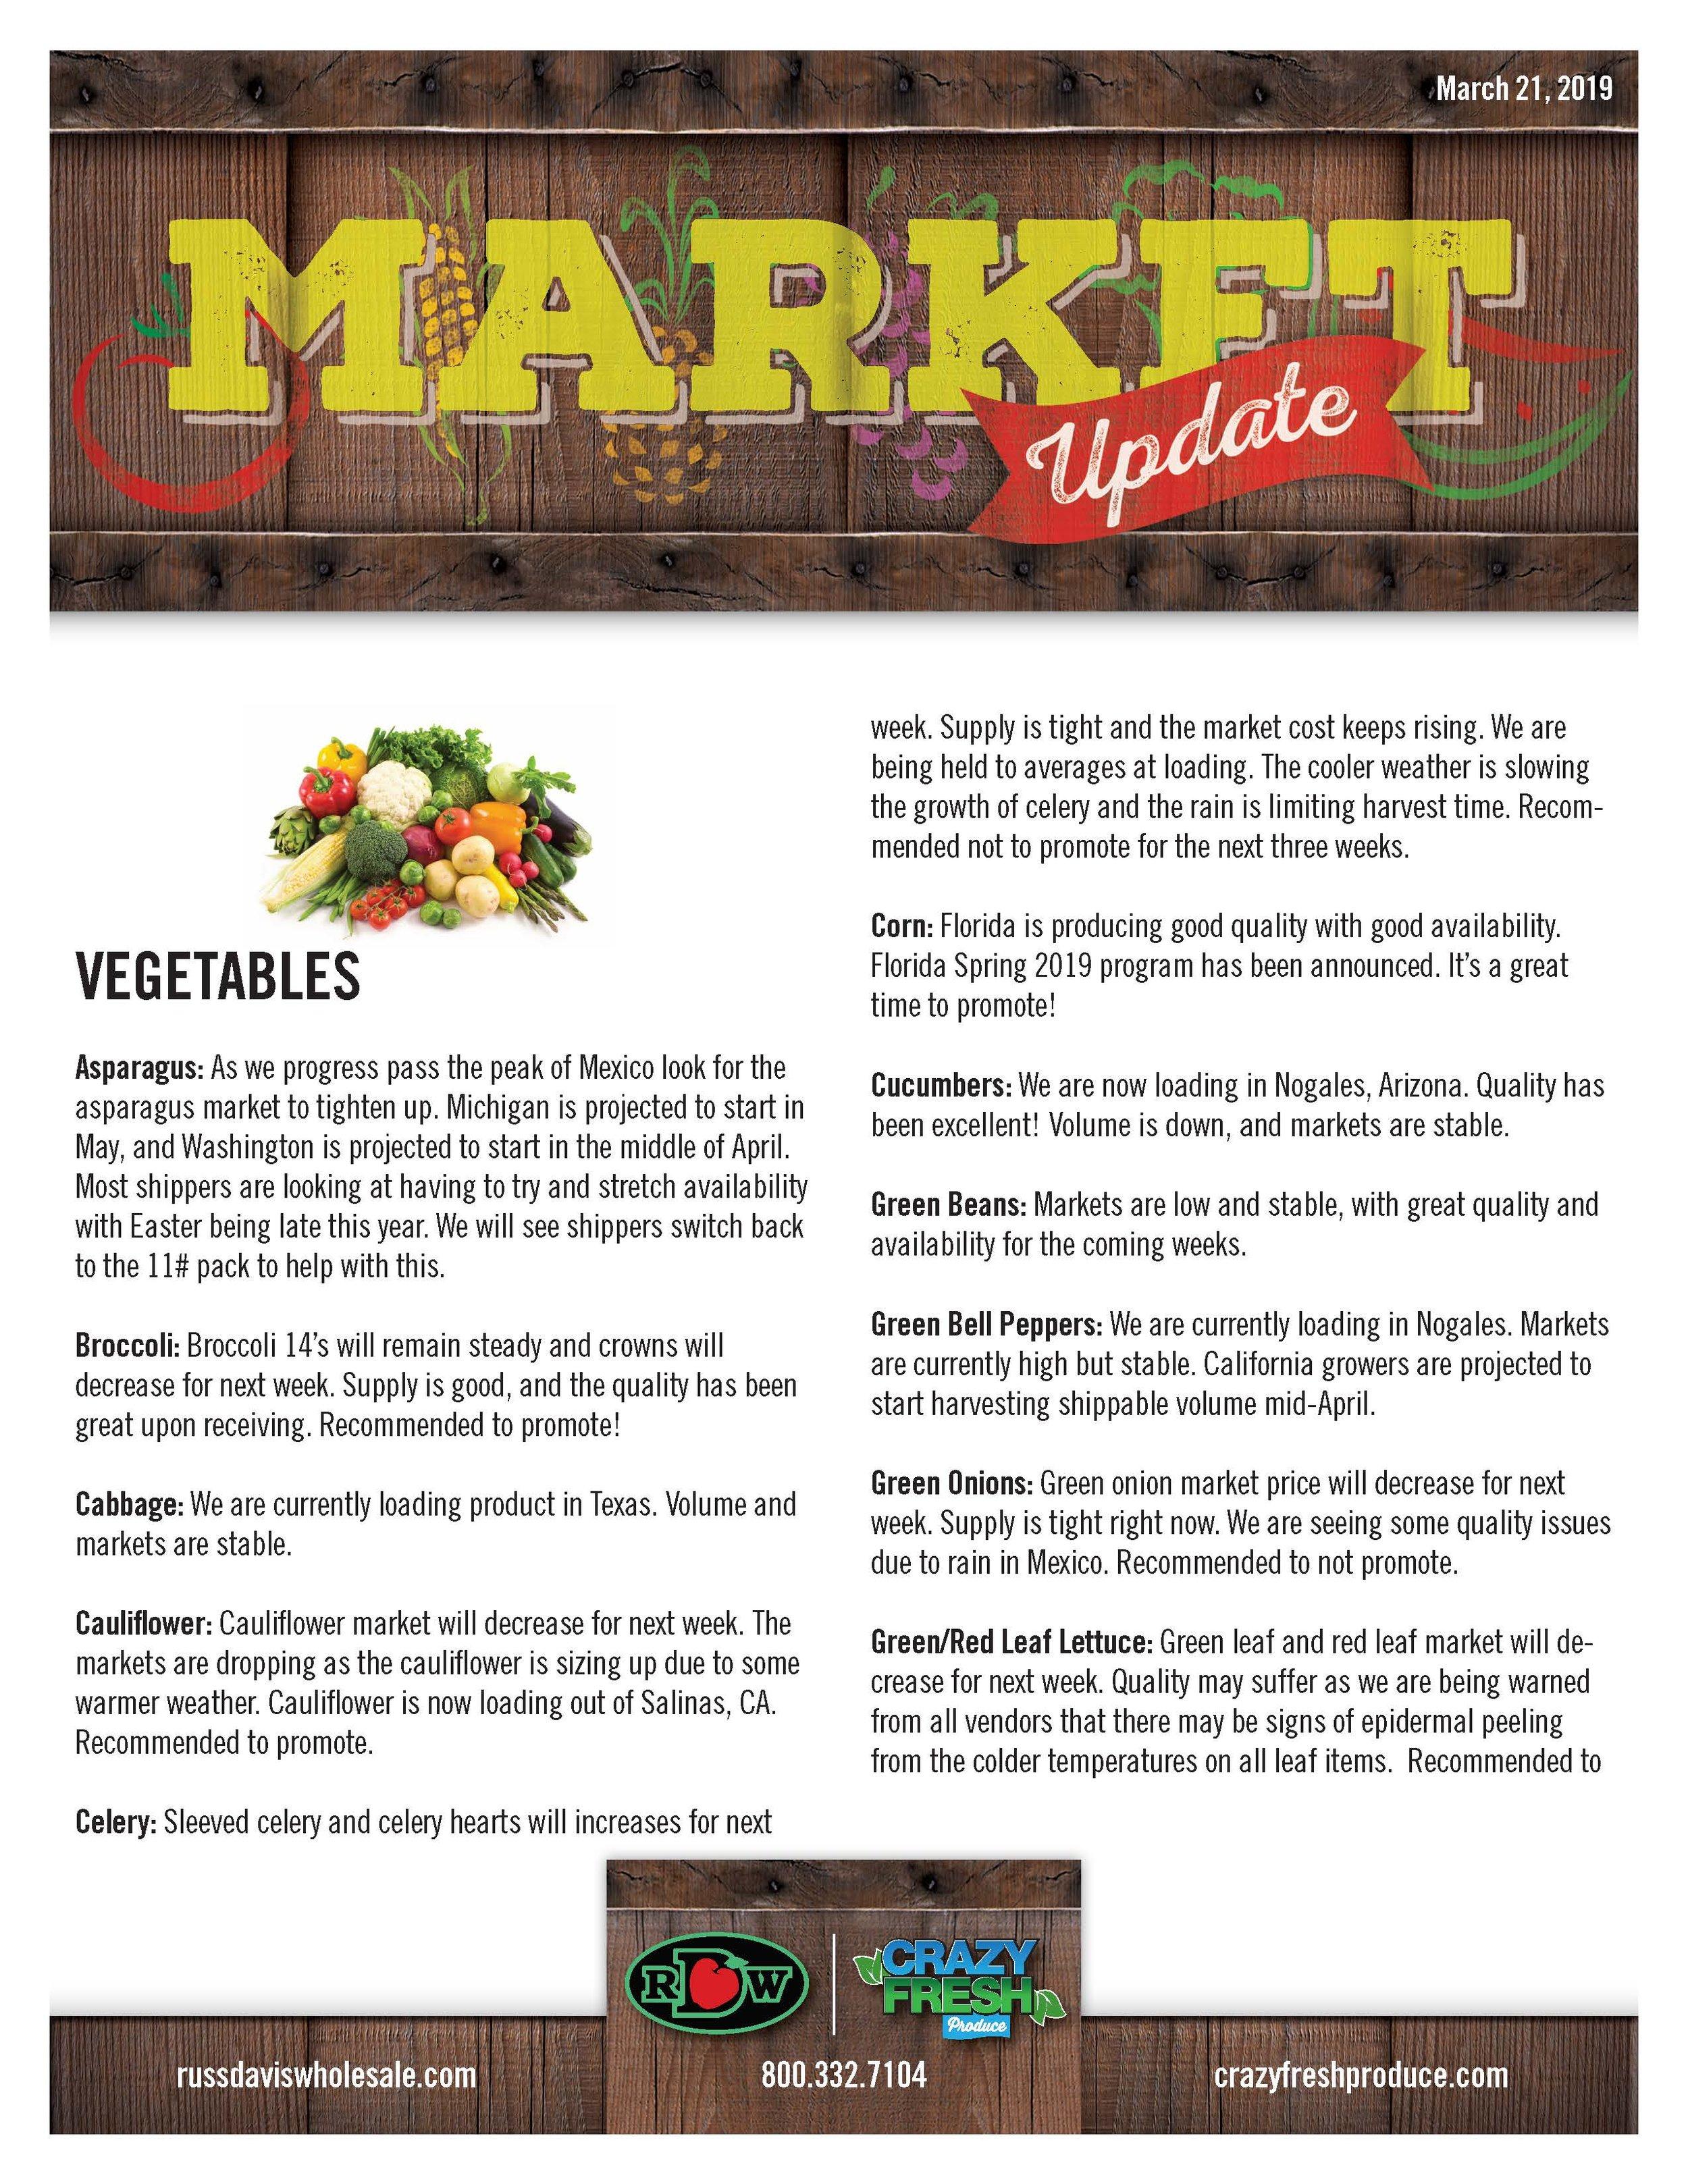 RDW_Market_Update_Mar21_19_Page_1.jpg